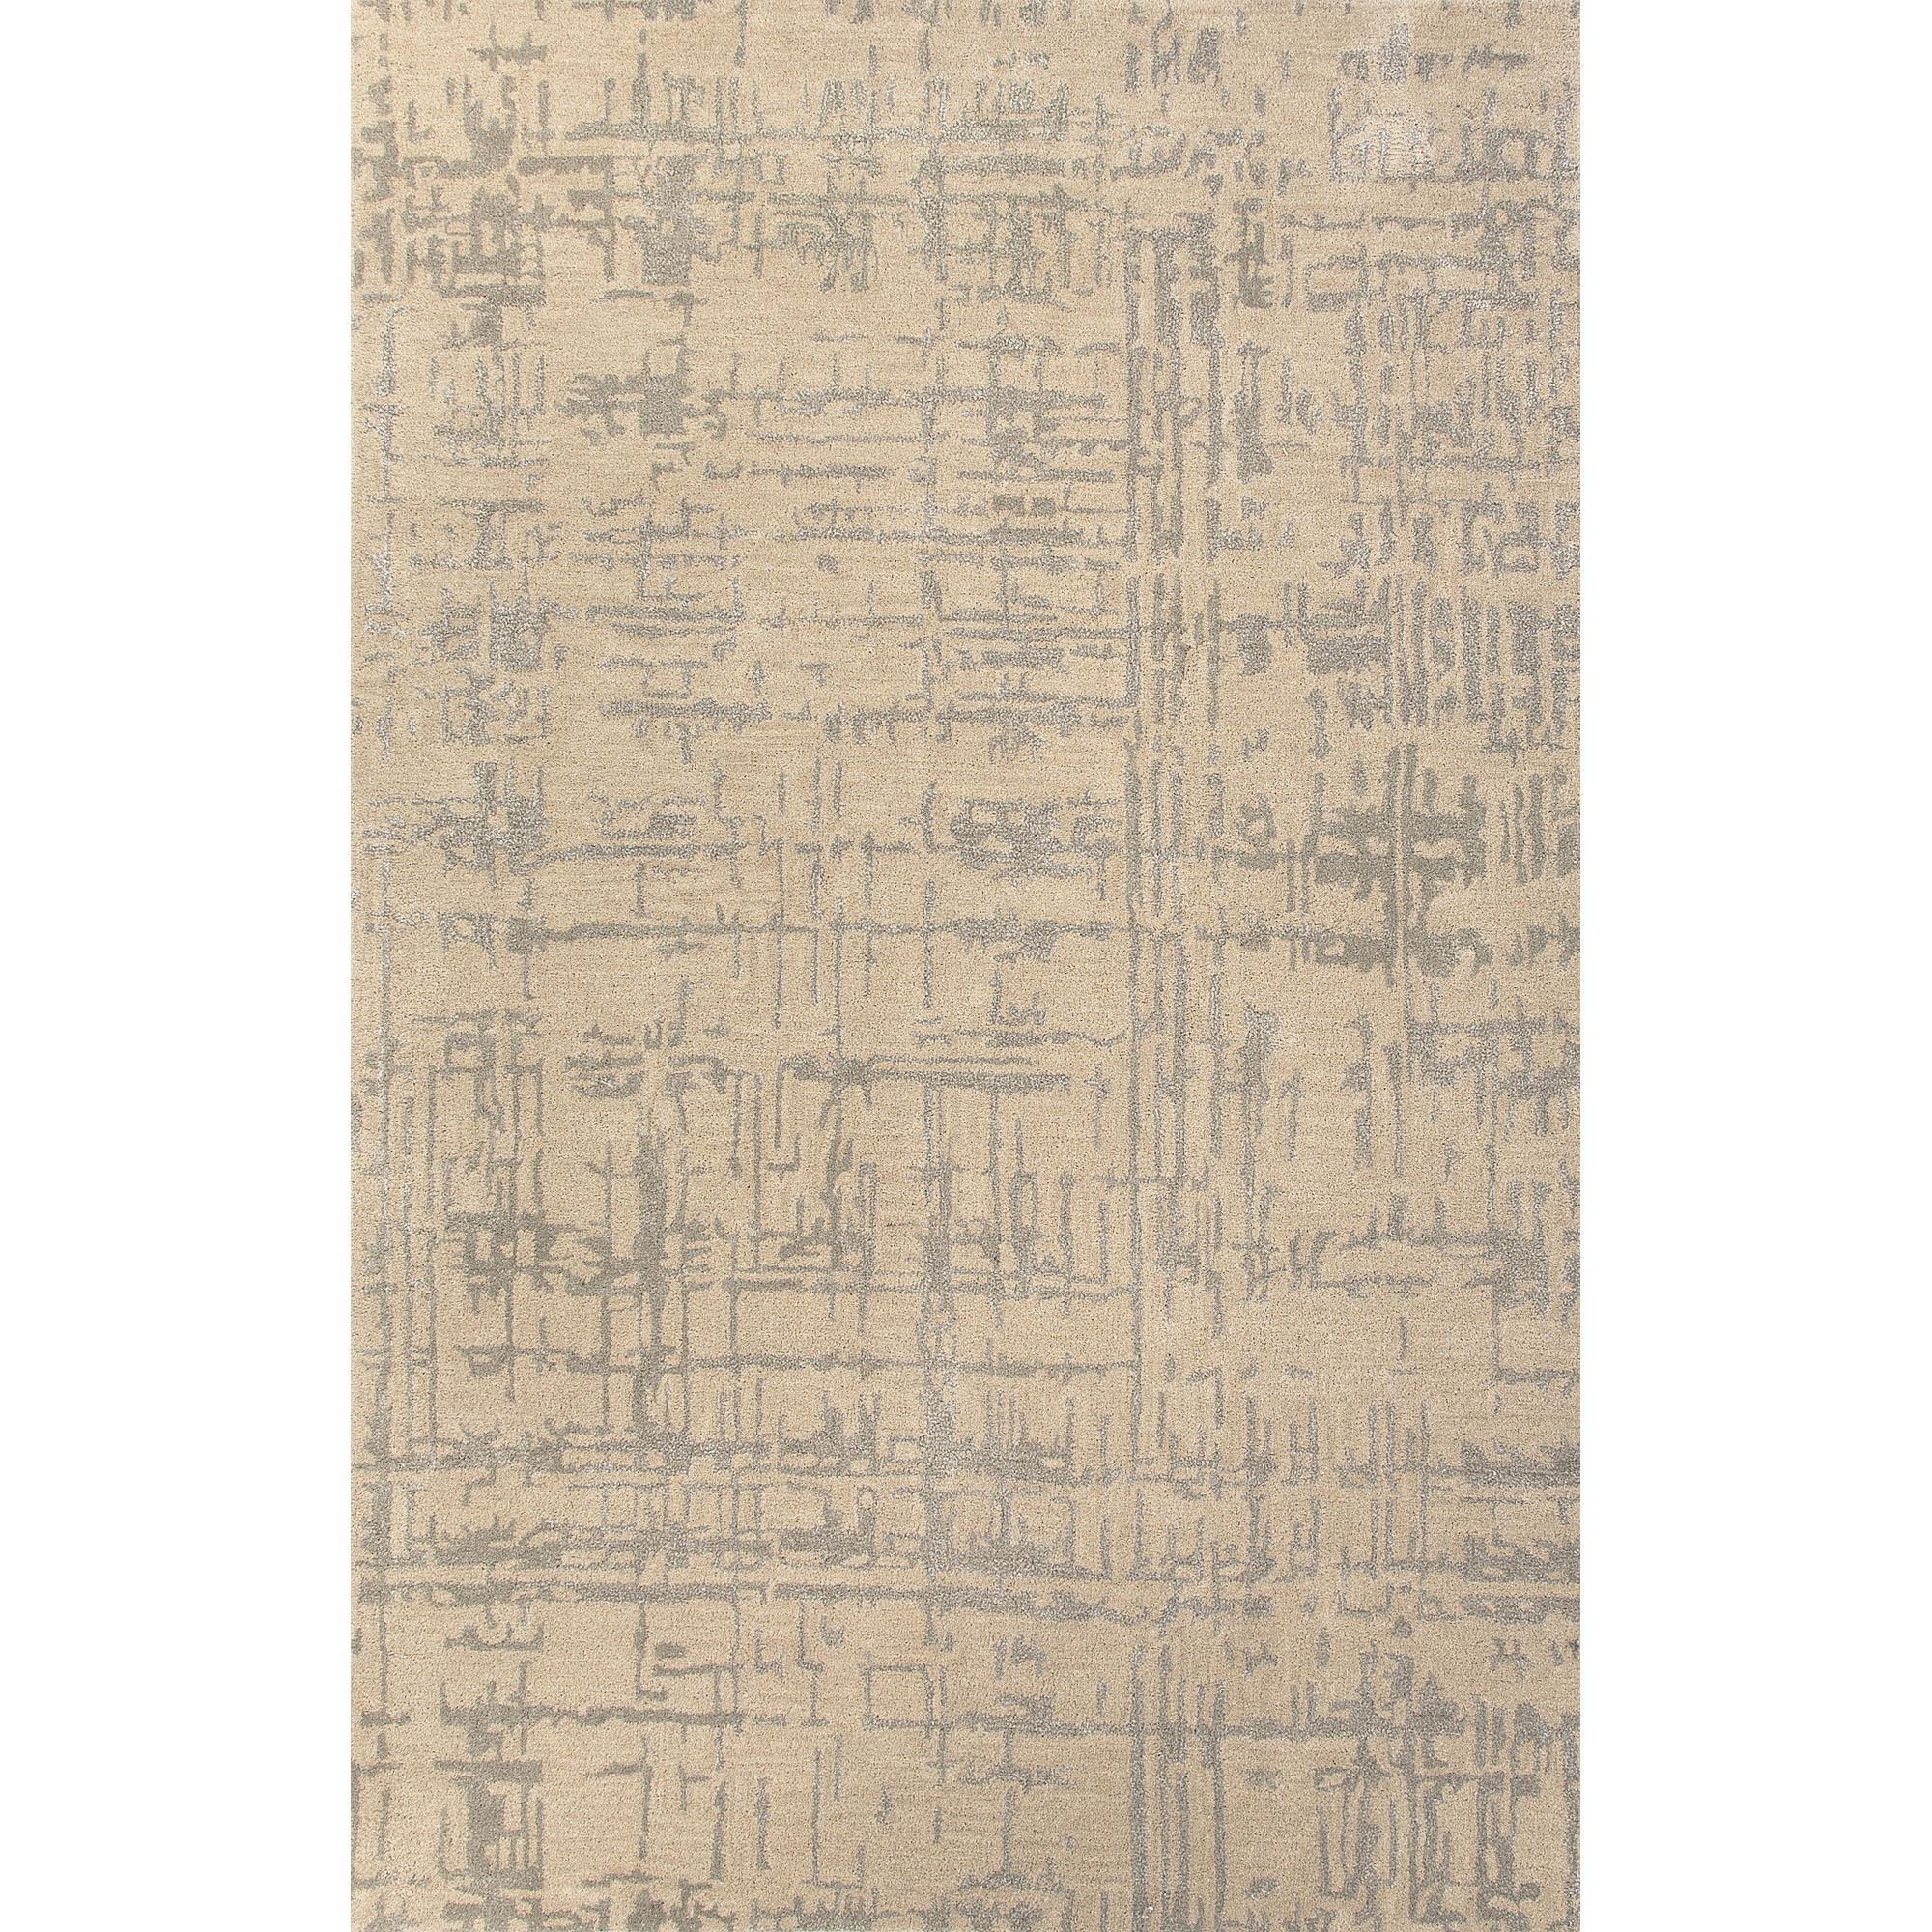 JAIPUR Rugs Clayton 8 x 10 Rug - Item Number: RUG111804